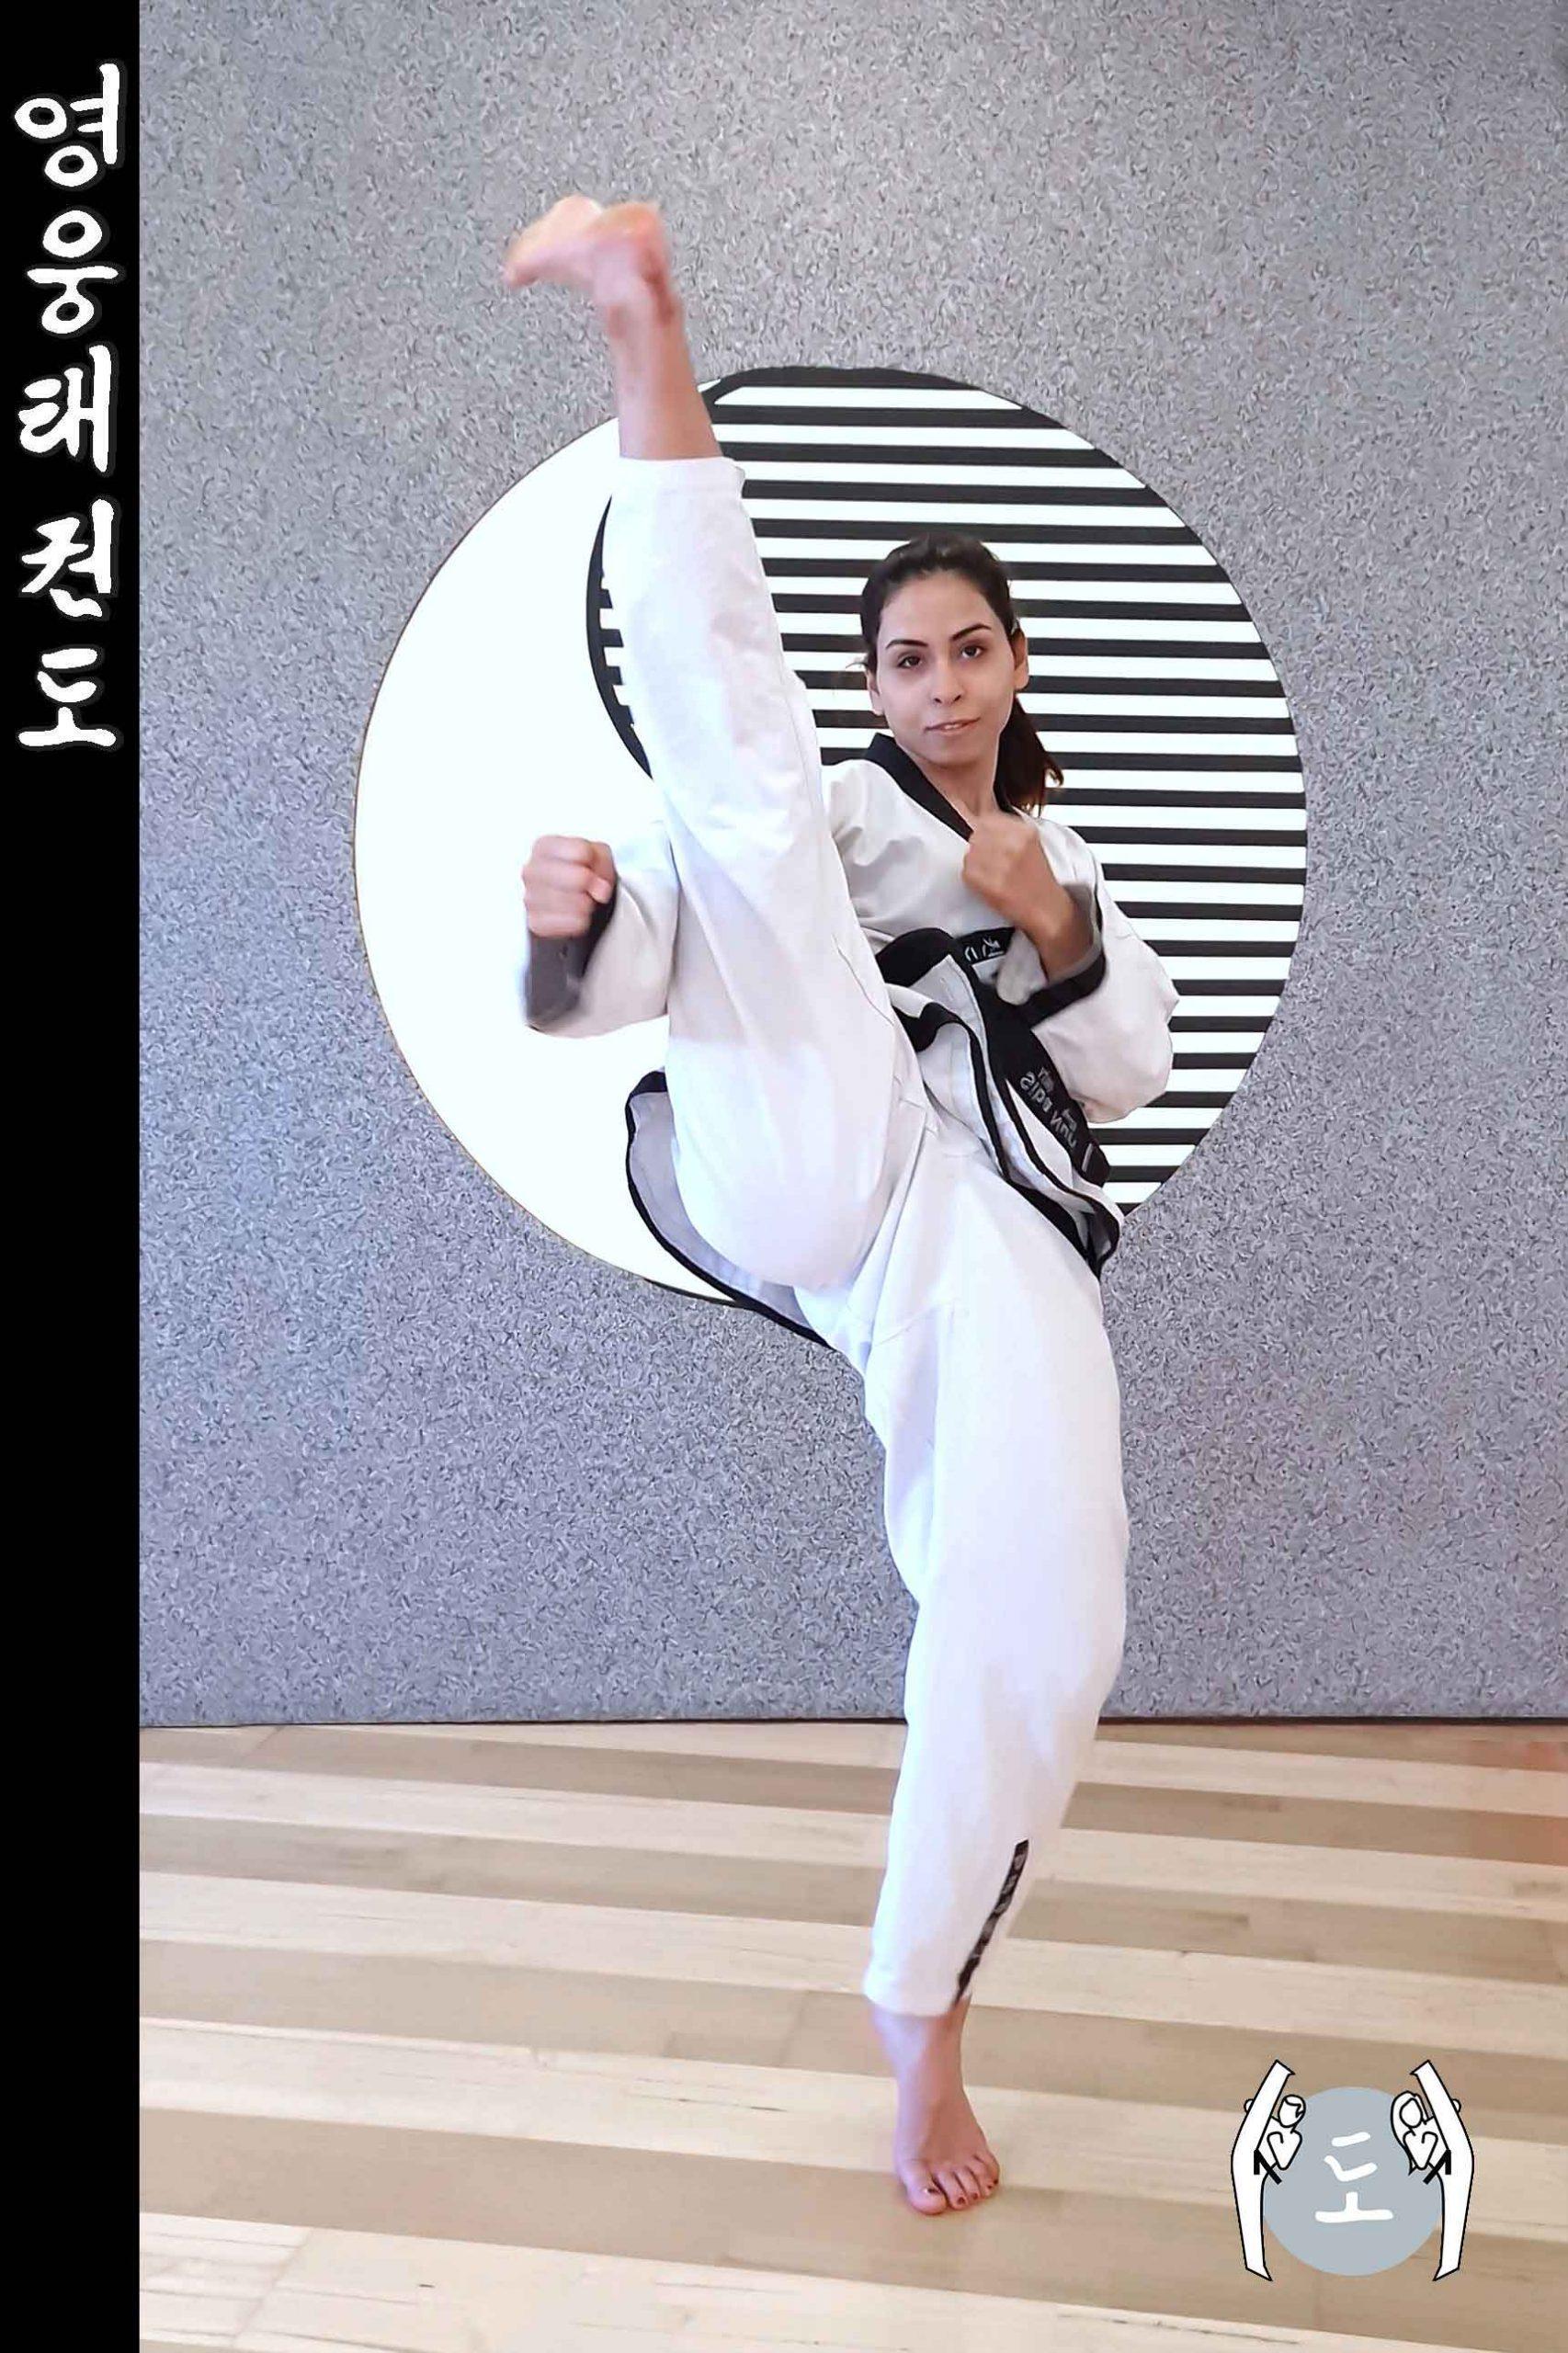 Taekwondo-Trainerin in Taekwondo Kampfstellung Pose aus Zweigstelle 8010 Graz